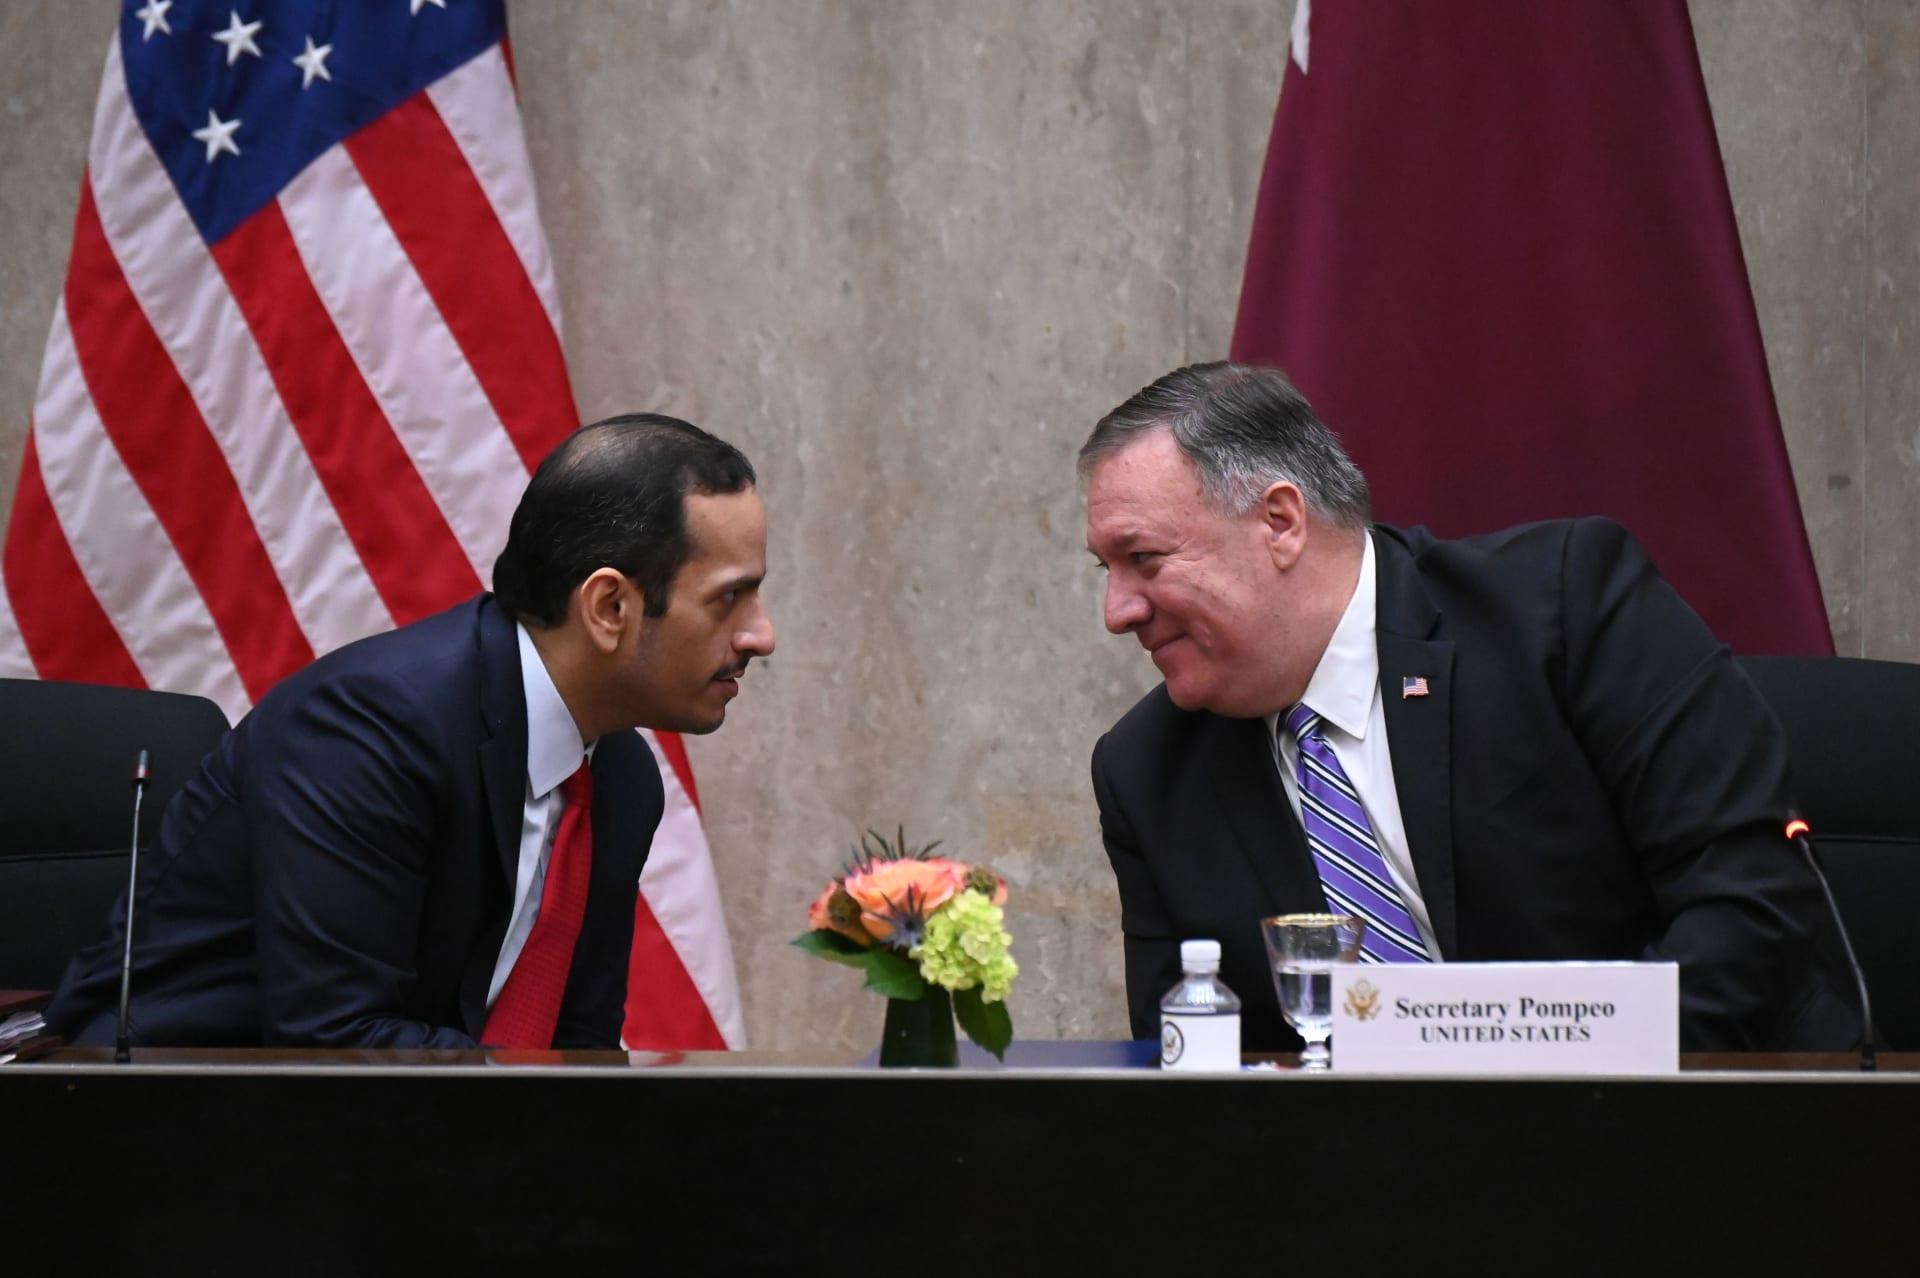 صورة أرشيفية من لقاء وزيري خارجية أمريكا وقطر بواشنطن في 14 سبتمبر الجاري